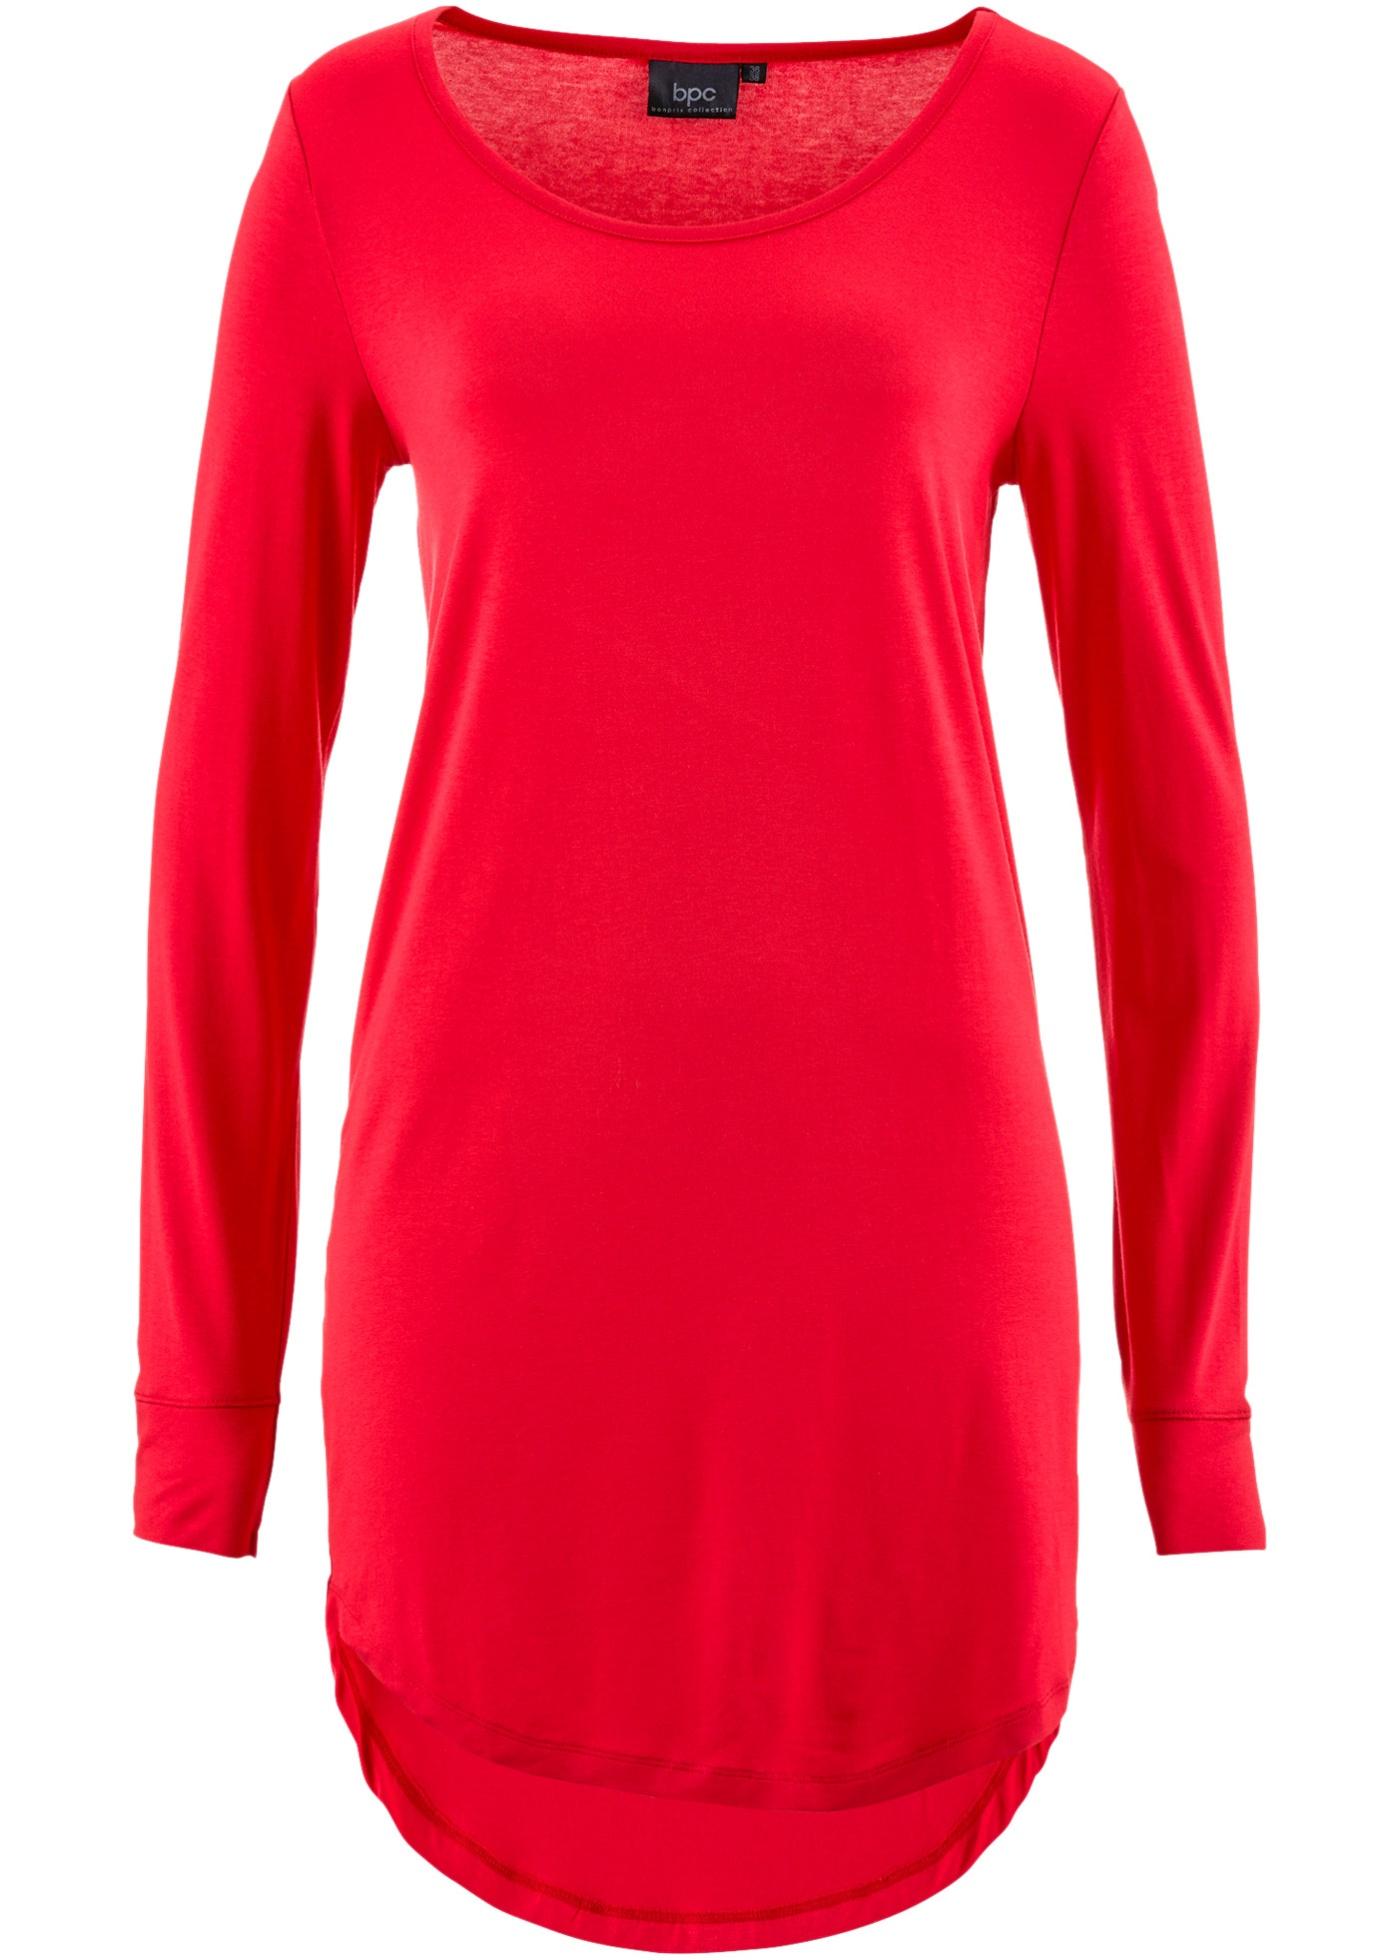 Long Pour Bpc Manches Rouge CollectionT Femme Bonprix Longues shirt À rdxeCBo